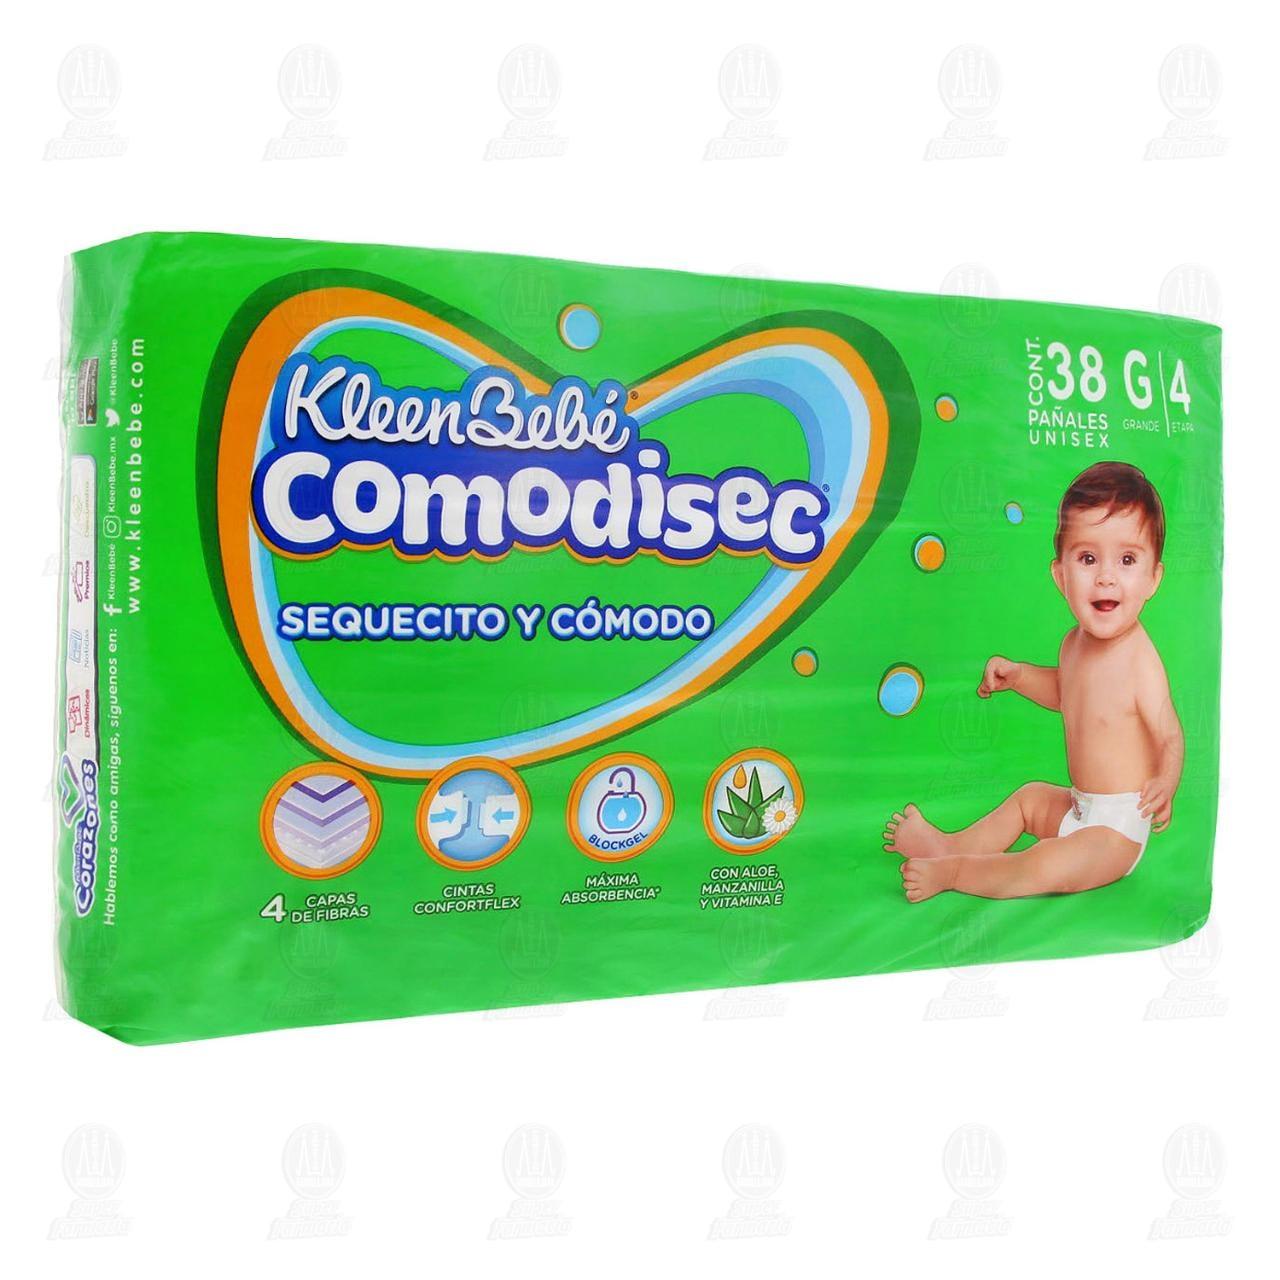 comprar https://www.movil.farmaciasguadalajara.com/wcsstore/FGCAS/wcs/products/1135376_A_1280_AL.jpg en farmacias guadalajara